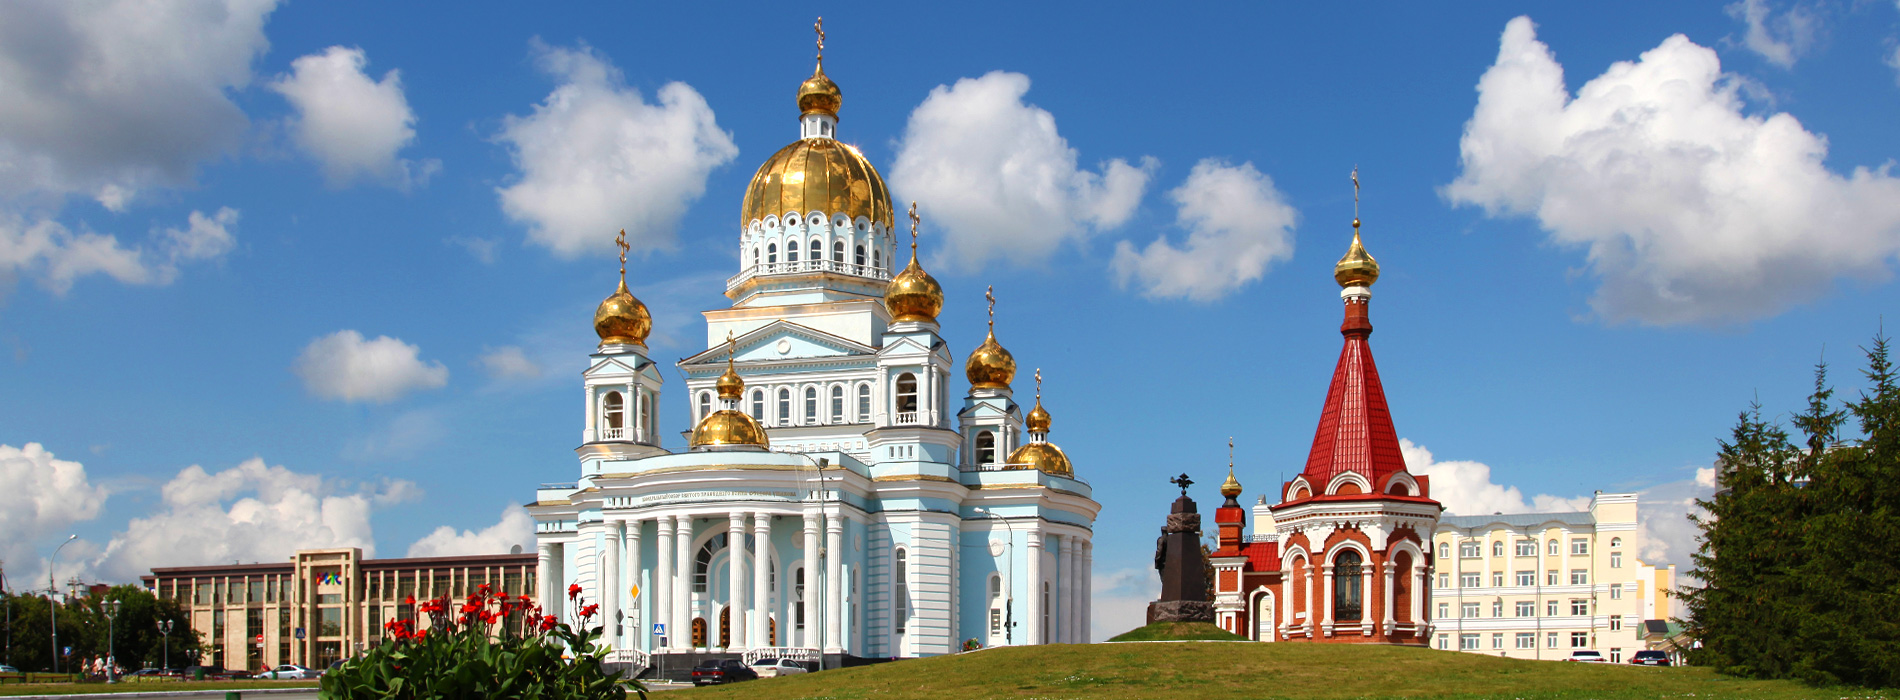 Авиабилеты Анапа — Саранск, купить билеты на самолет туда и обратно, цены и расписание рейсов